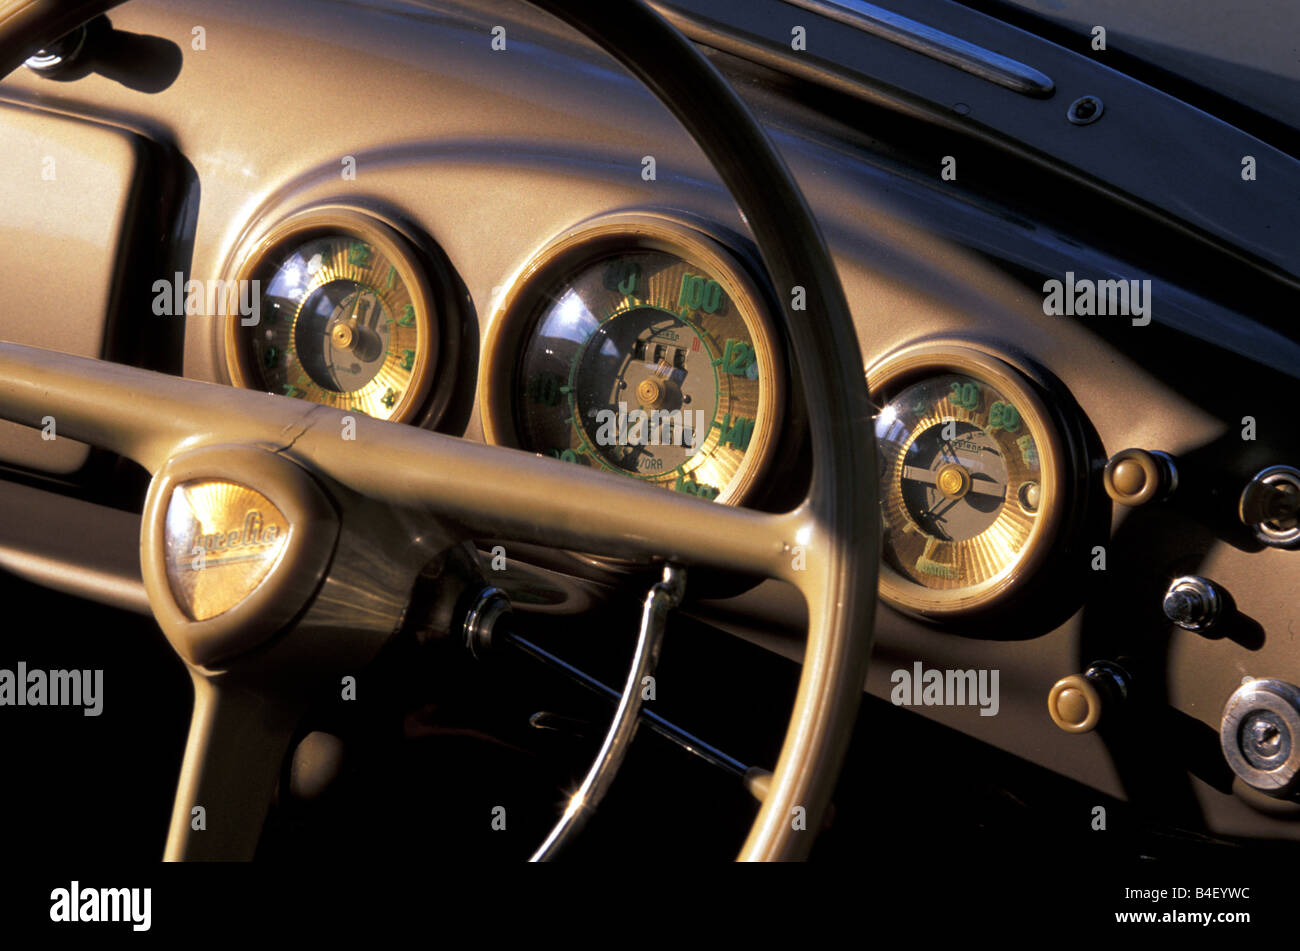 Car, Lancia Aurelia B 20 GT, vintage car, silver-grey, Coupé, Coupe, 1950s, fifties,  detail, details, interior, - Stock Image